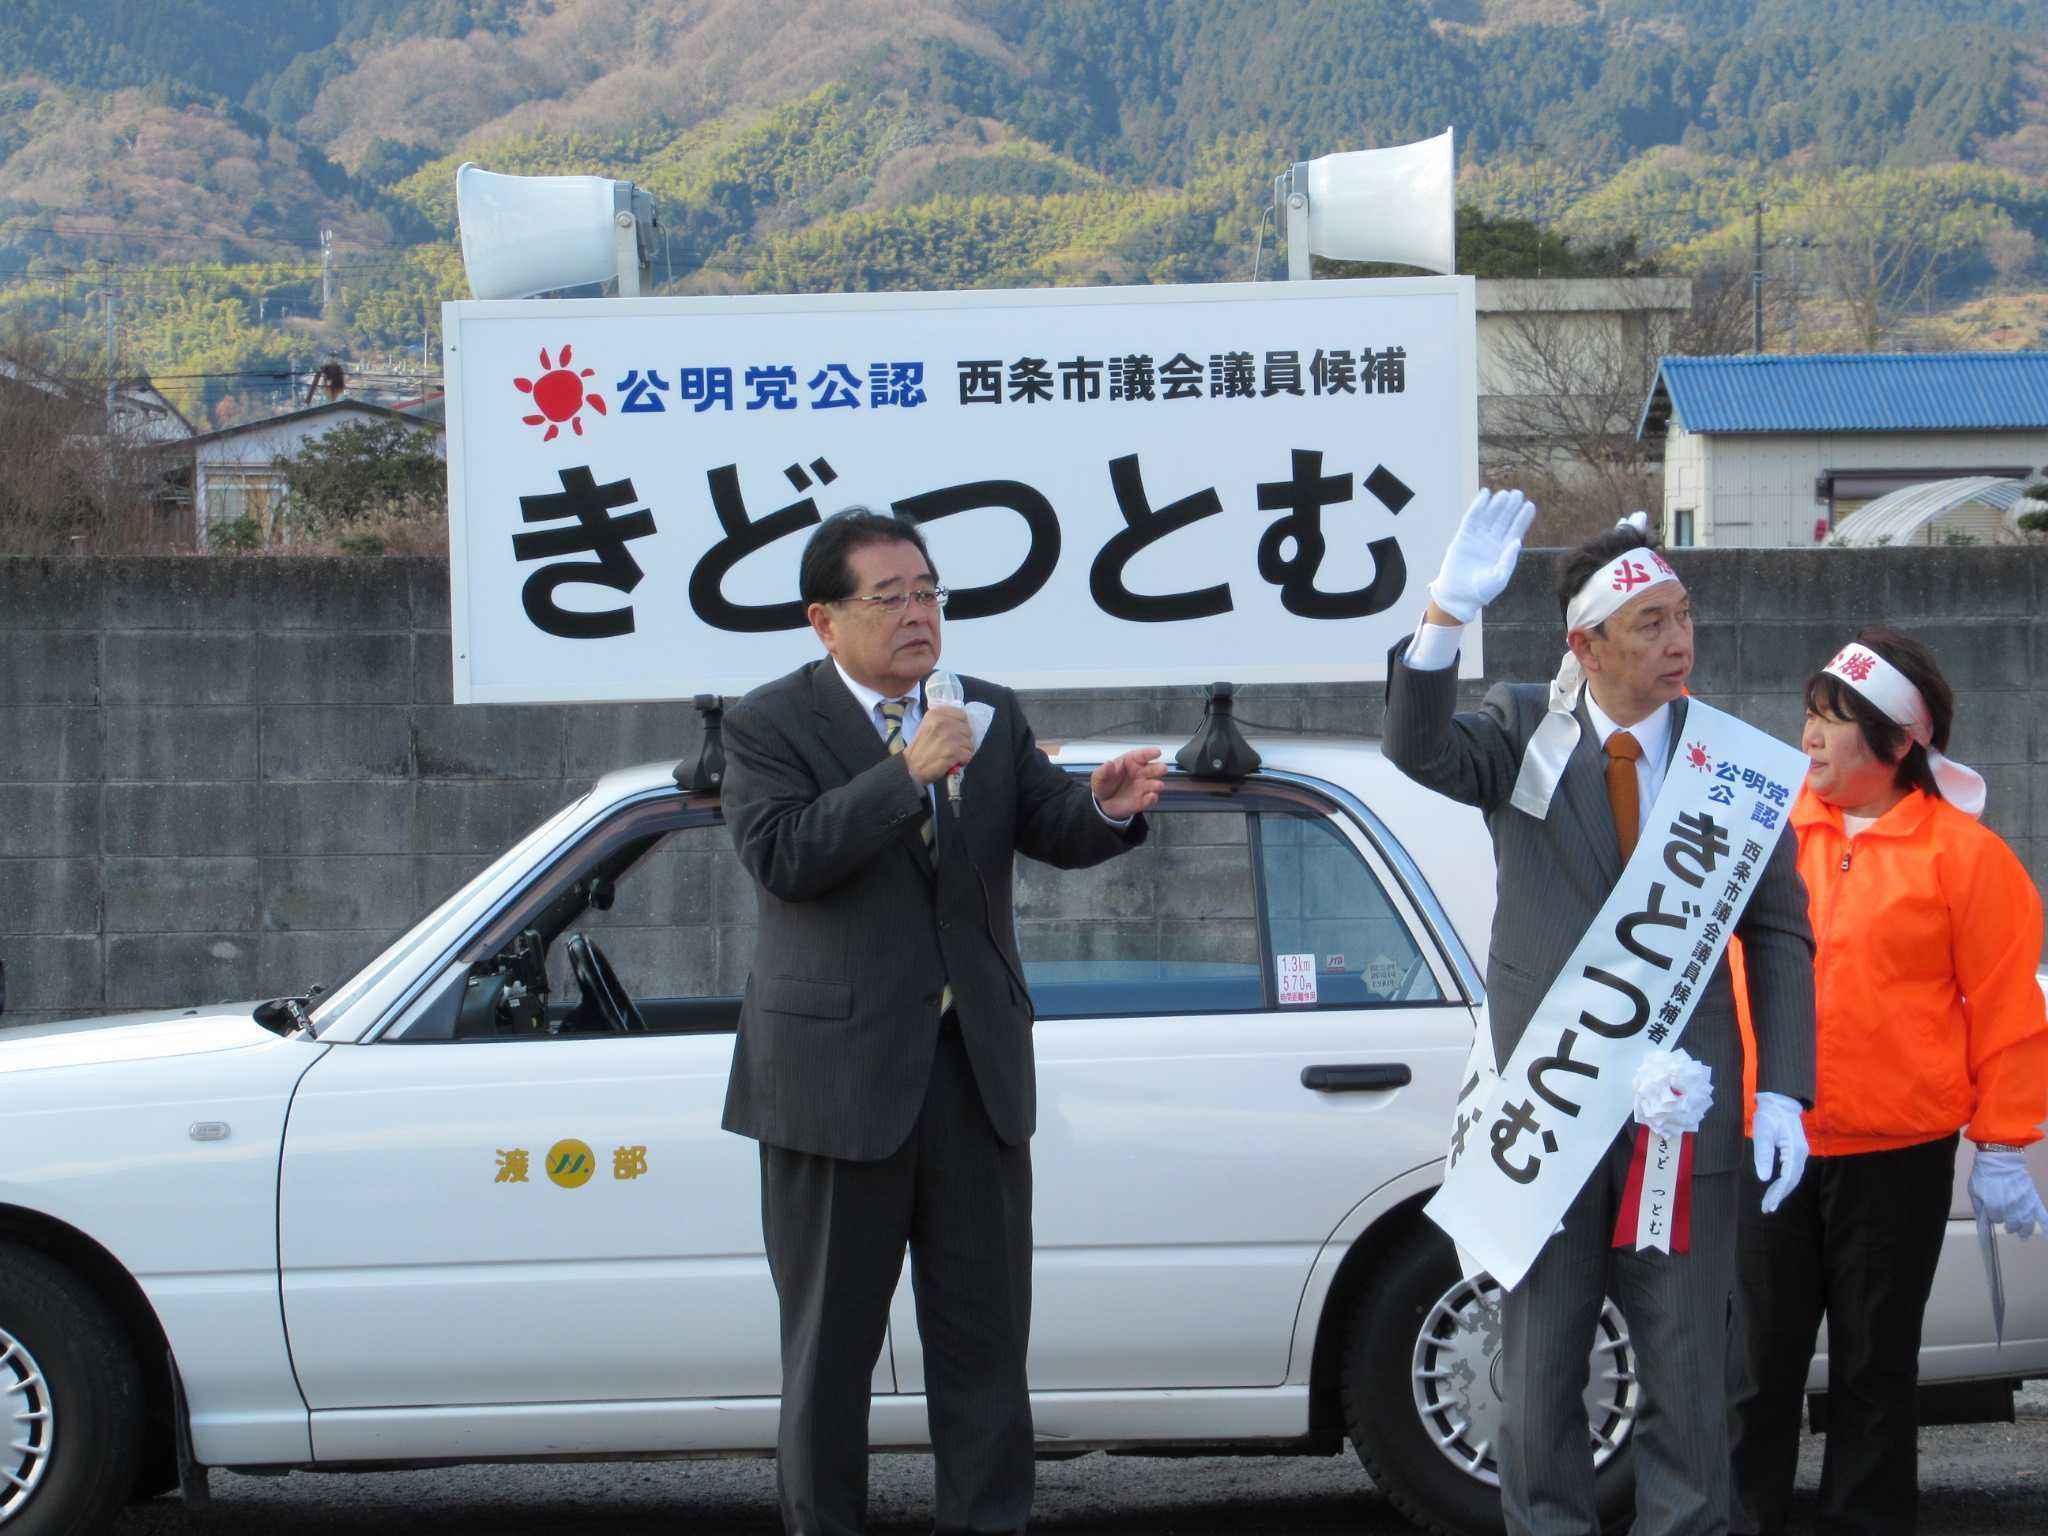 選挙 議員 西条 市議会